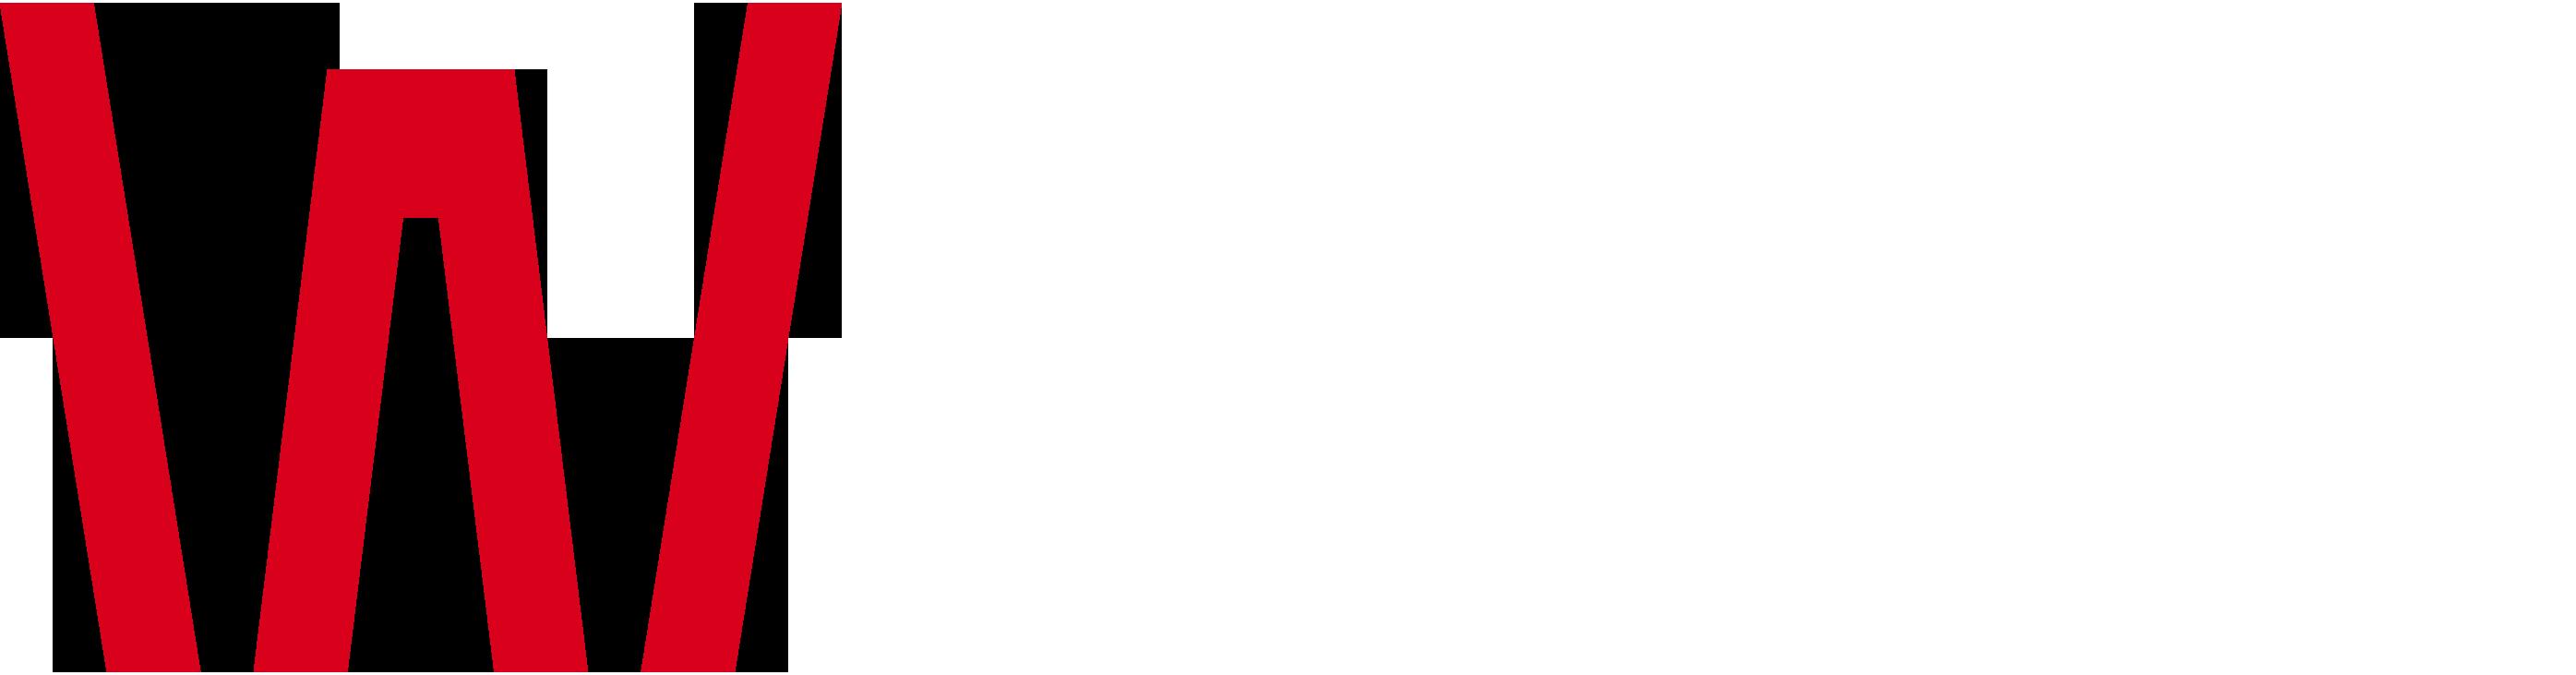 Fond-architekta-Weiwurma_logo_white